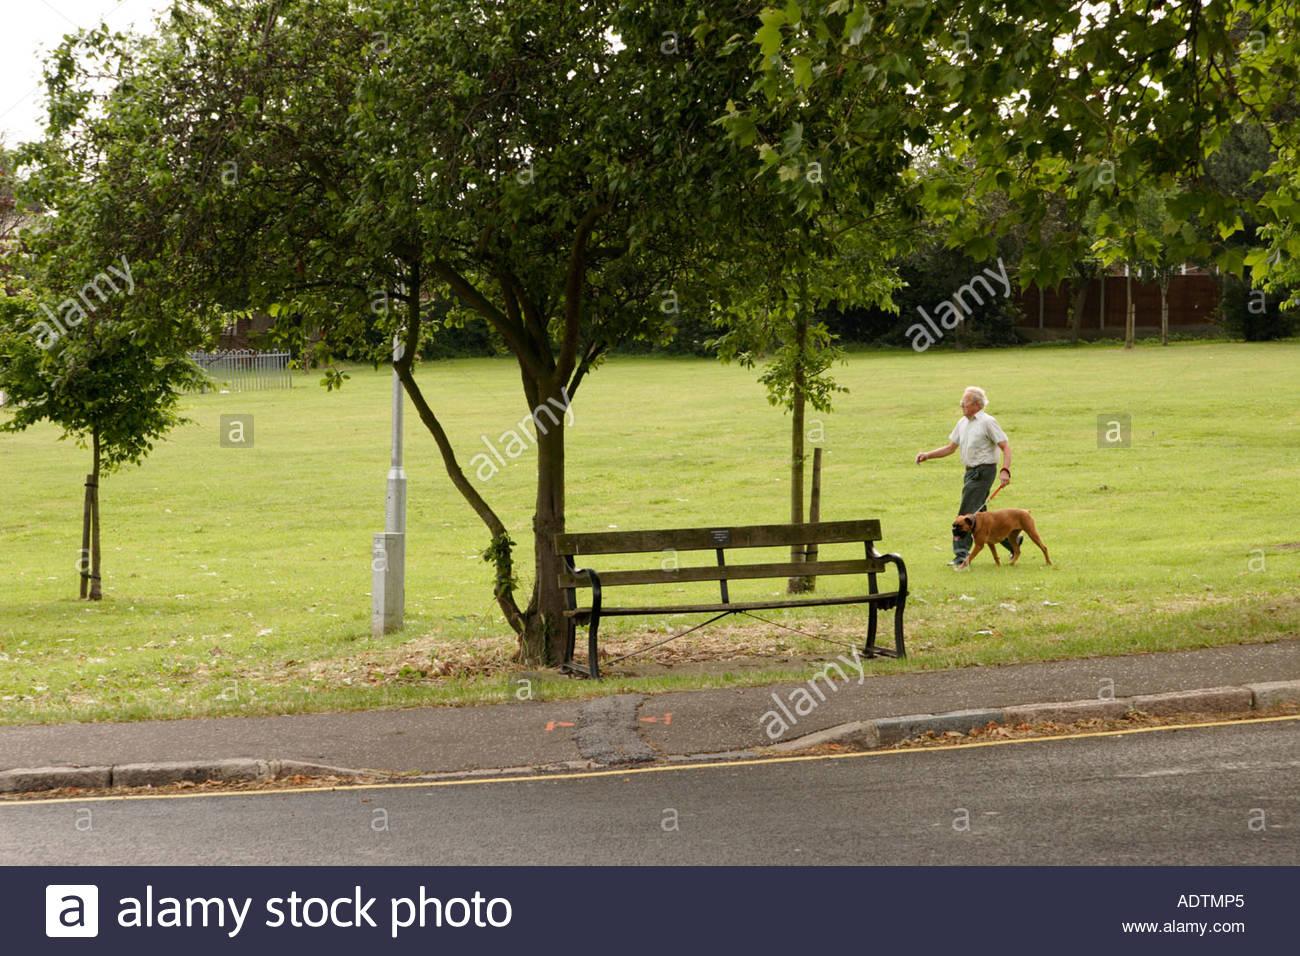 A man walking his dog, UK. - Stock Image